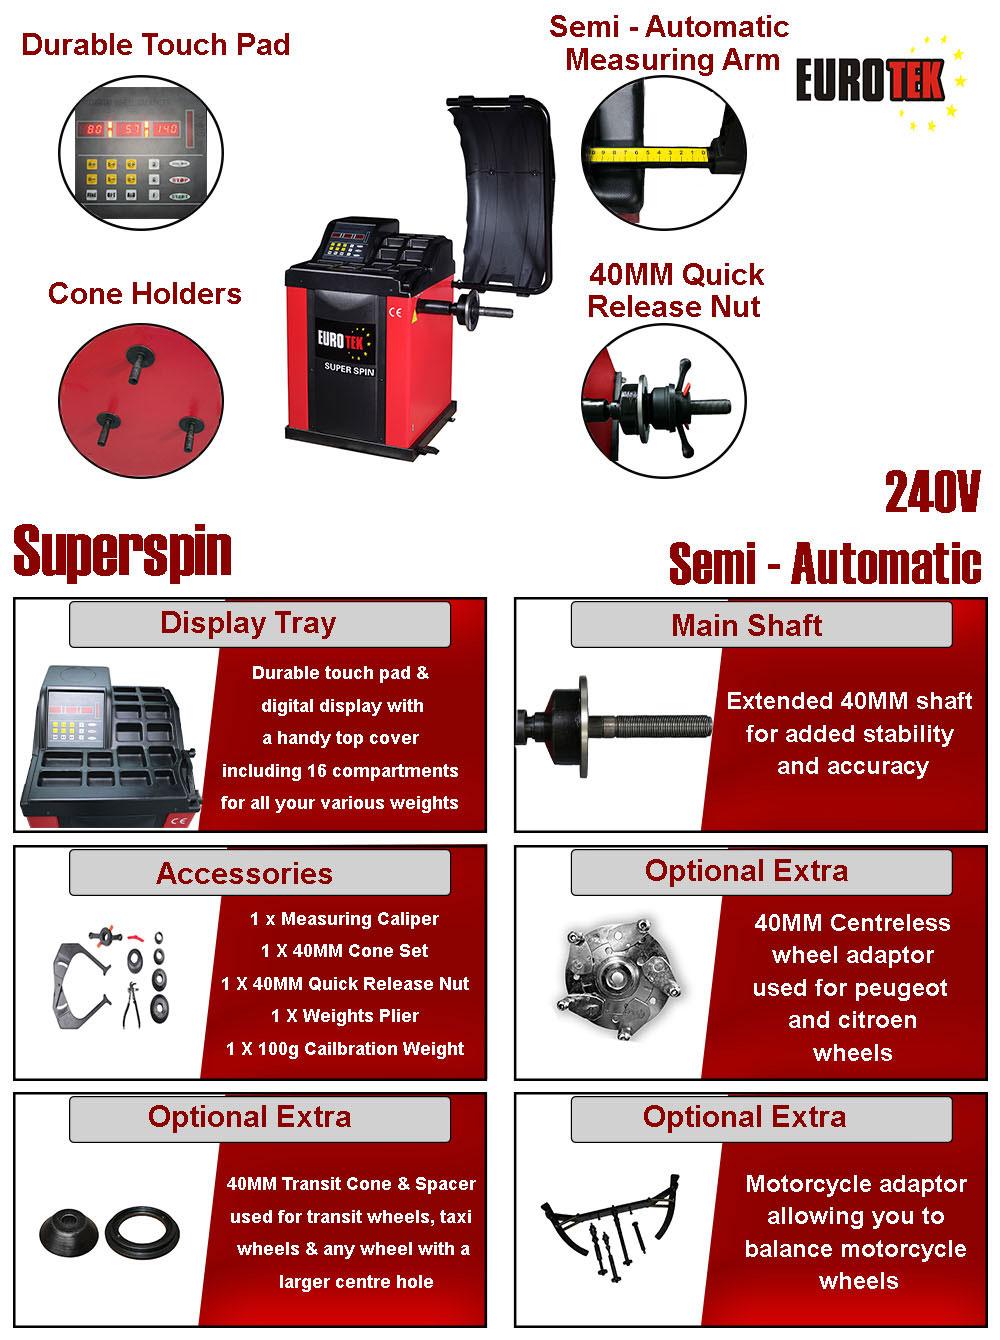 information for super spin wheel balancer